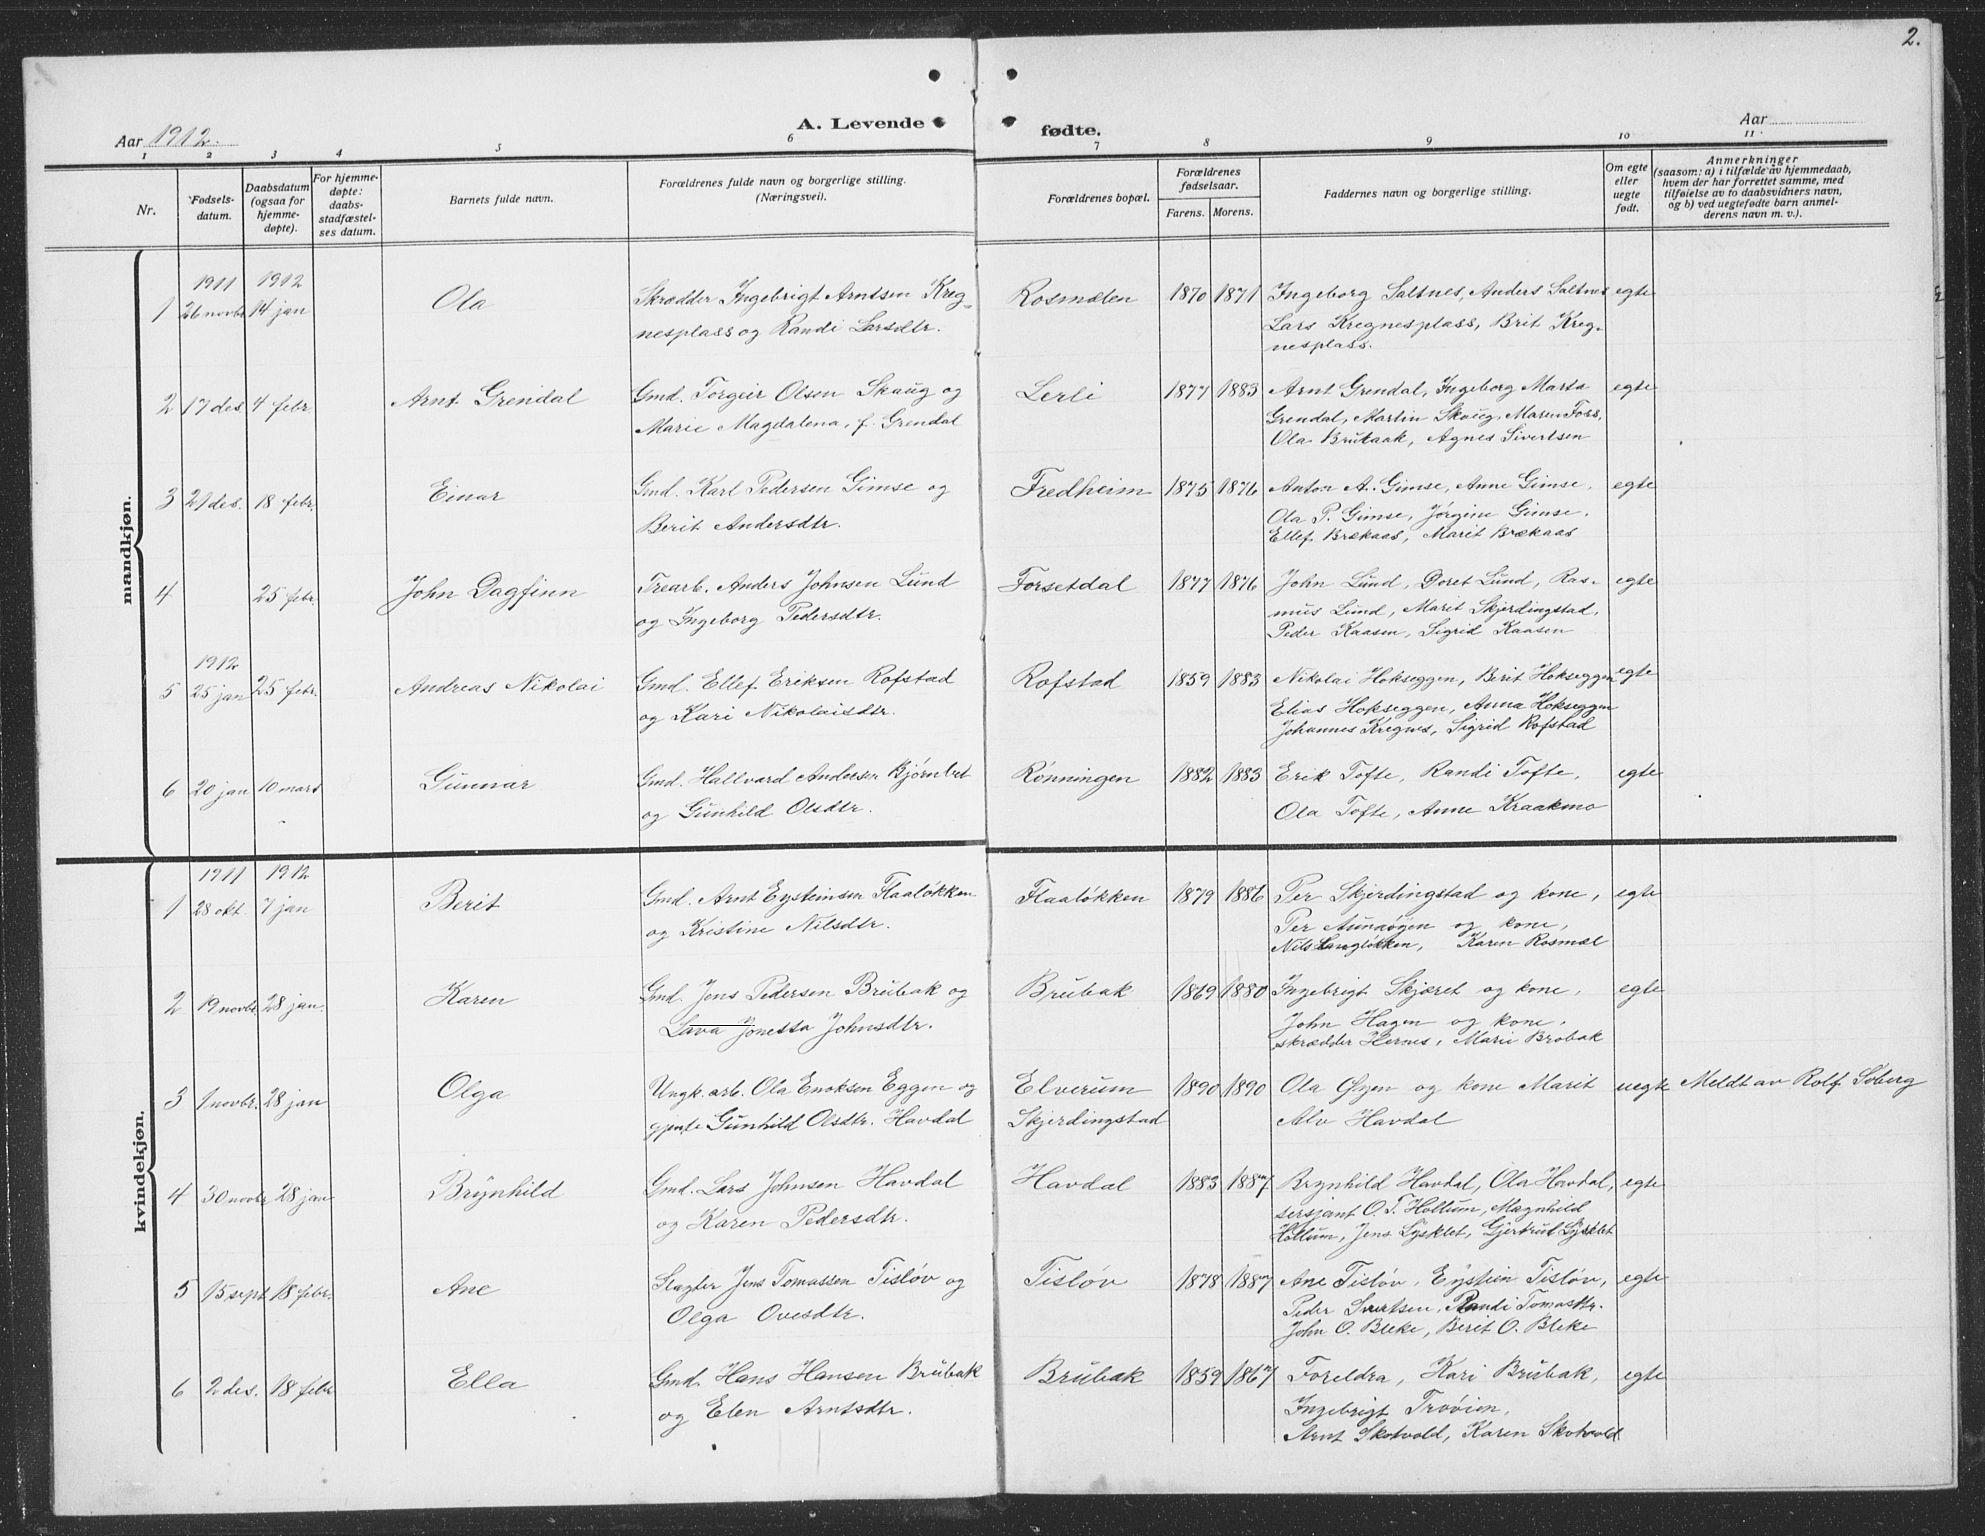 SAT, Ministerialprotokoller, klokkerbøker og fødselsregistre - Sør-Trøndelag, 691/L1095: Klokkerbok nr. 691C06, 1912-1933, s. 2